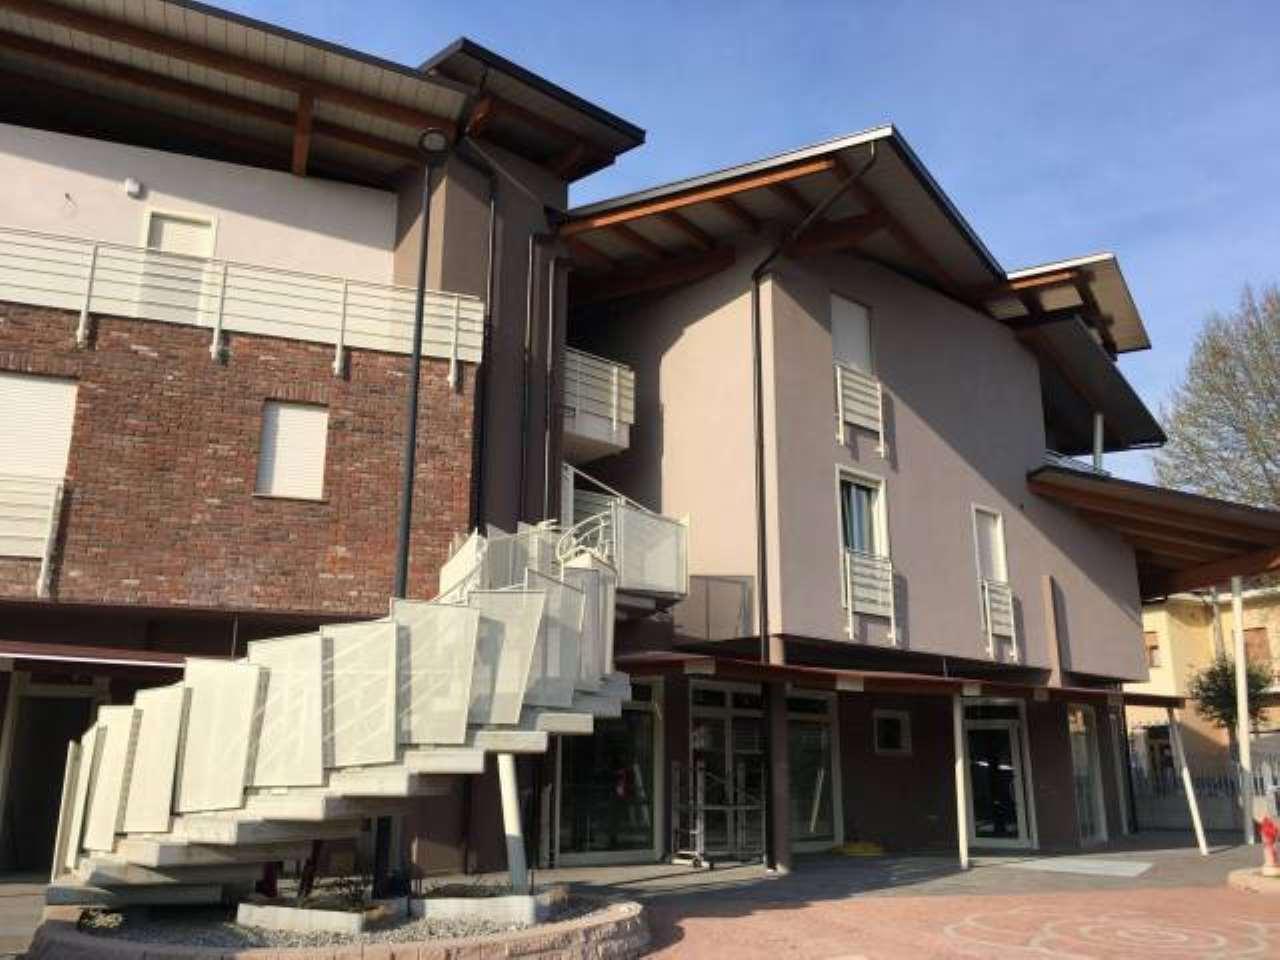 Appartamento in vendita a Balangero, 4 locali, prezzo € 215.000 | CambioCasa.it